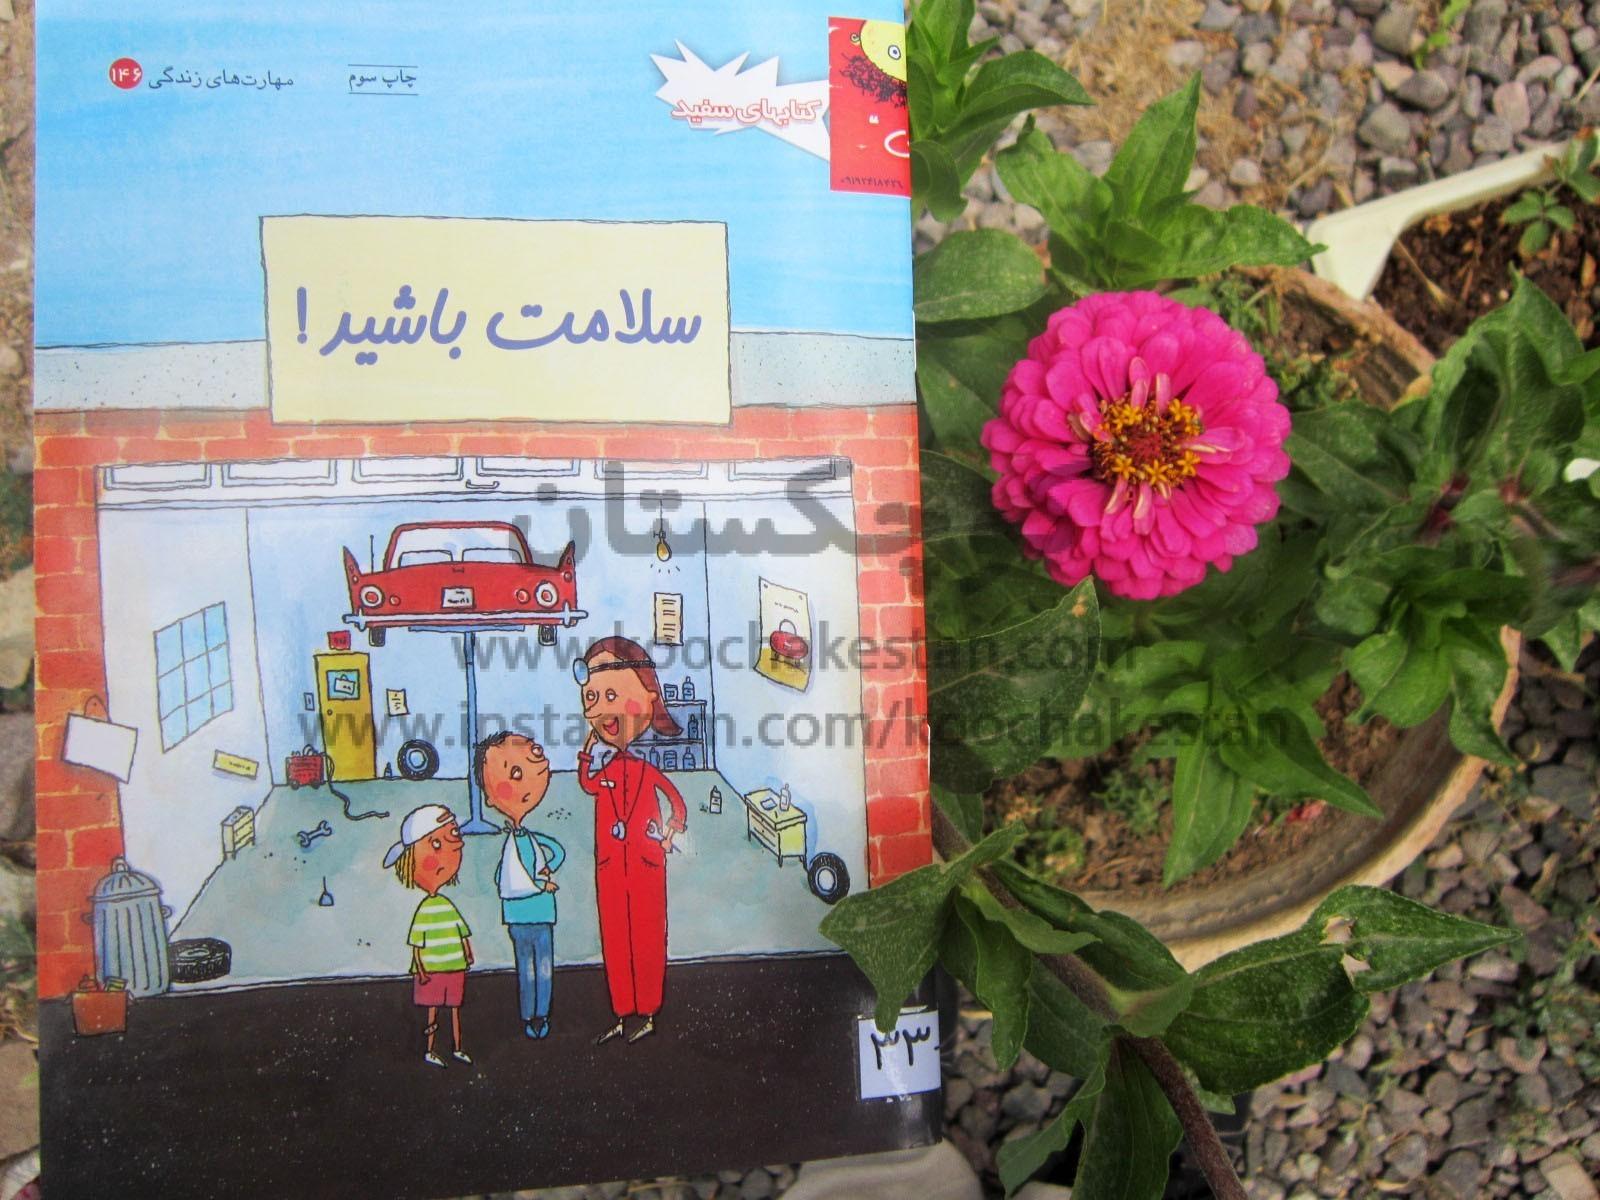 سلامت باشید - کتابخانه کودک